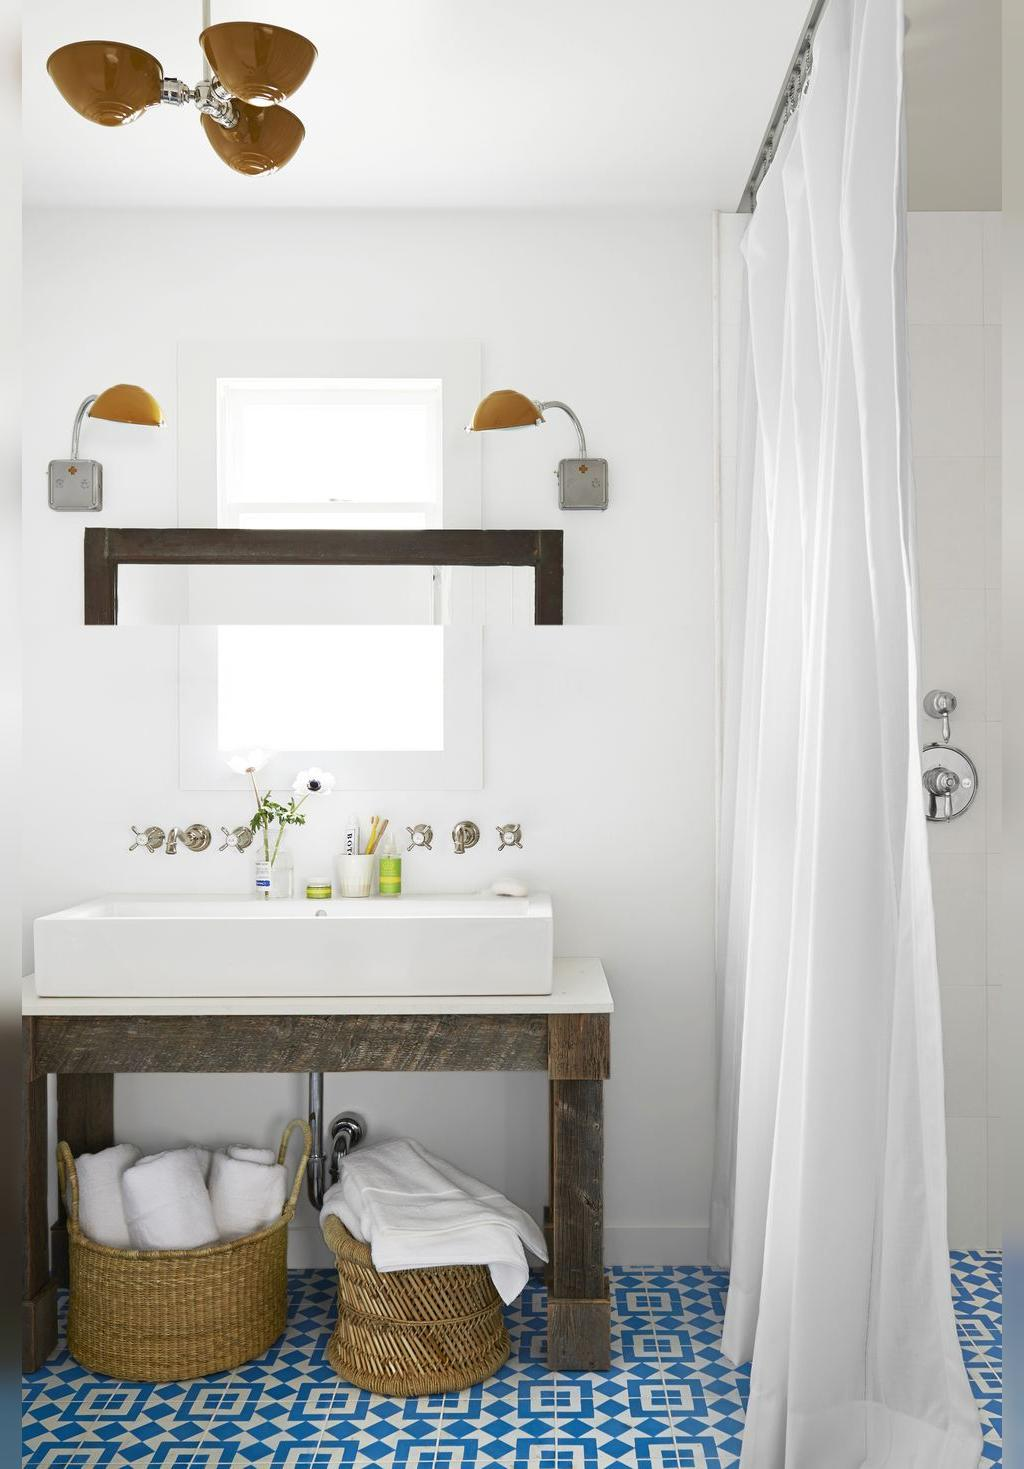 ترفندهای استفاده بهینه از فضای کوچک حمام